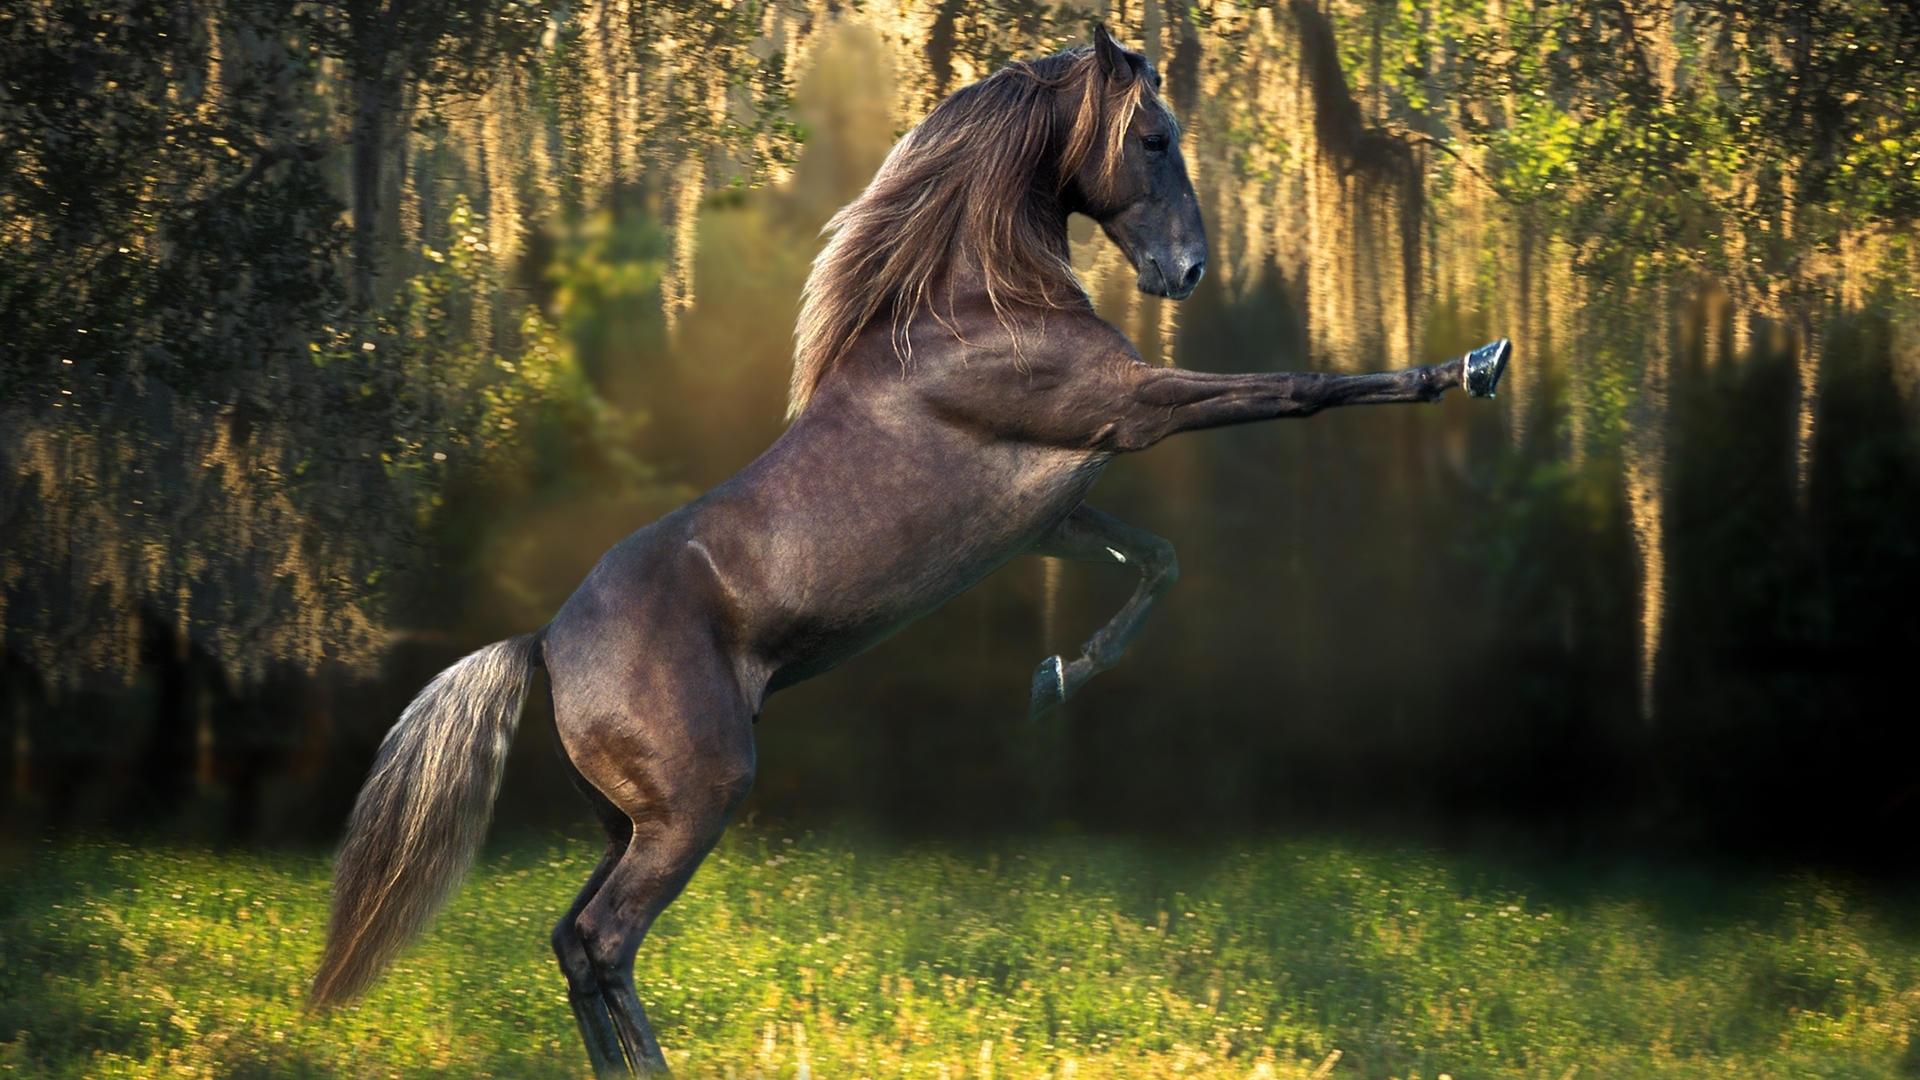 27032 скачать обои Животные, Лошади - заставки и картинки бесплатно